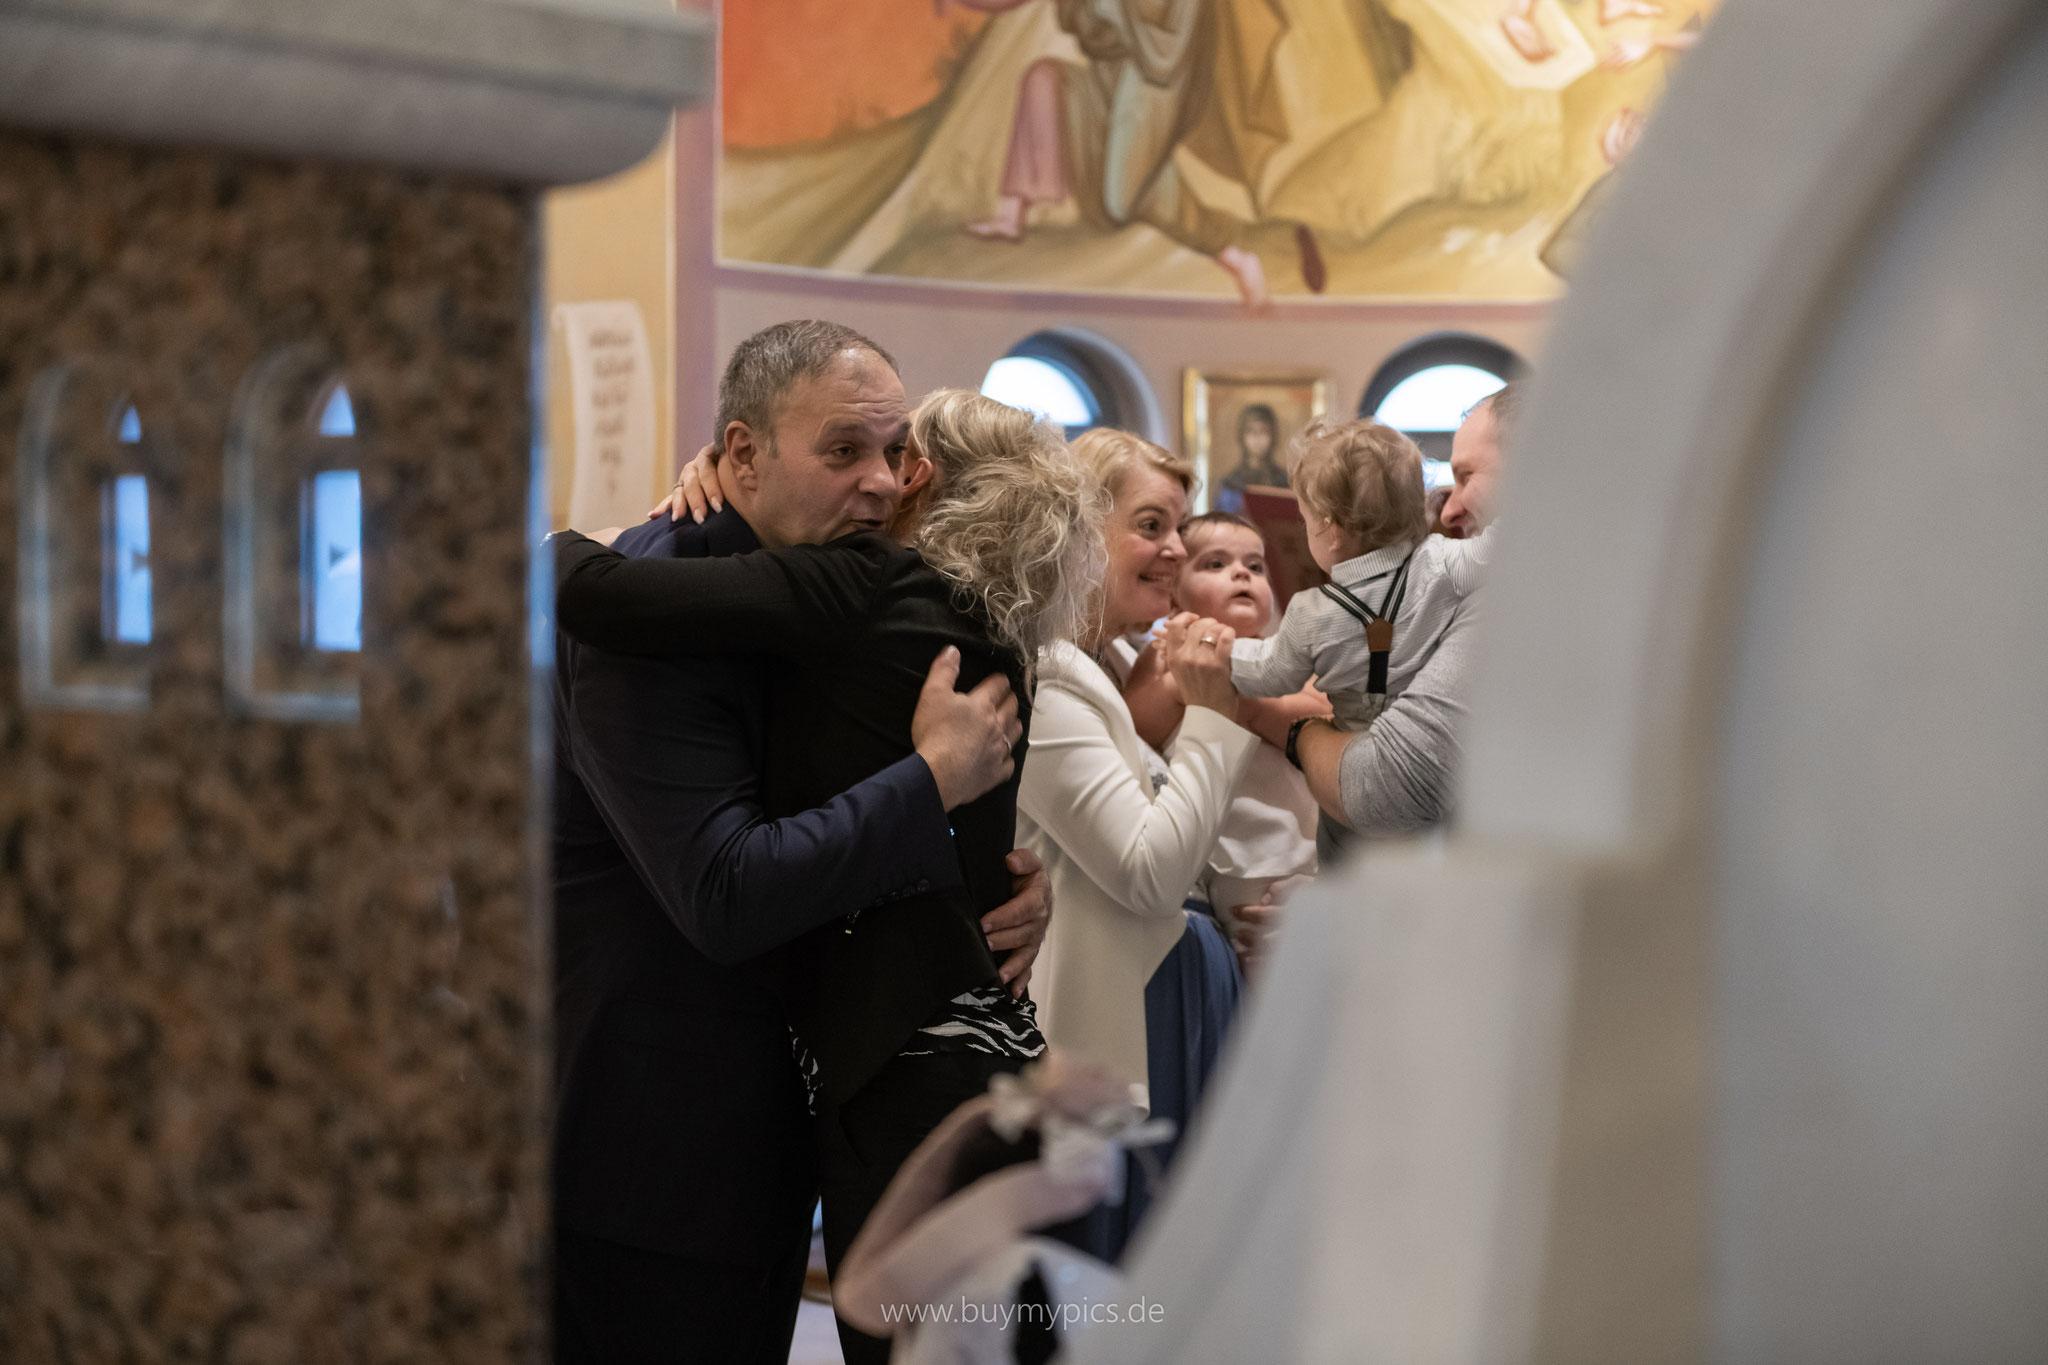 Professioneller Fotograf zur christlichen Taufe und Konfirmation in Rhein Main